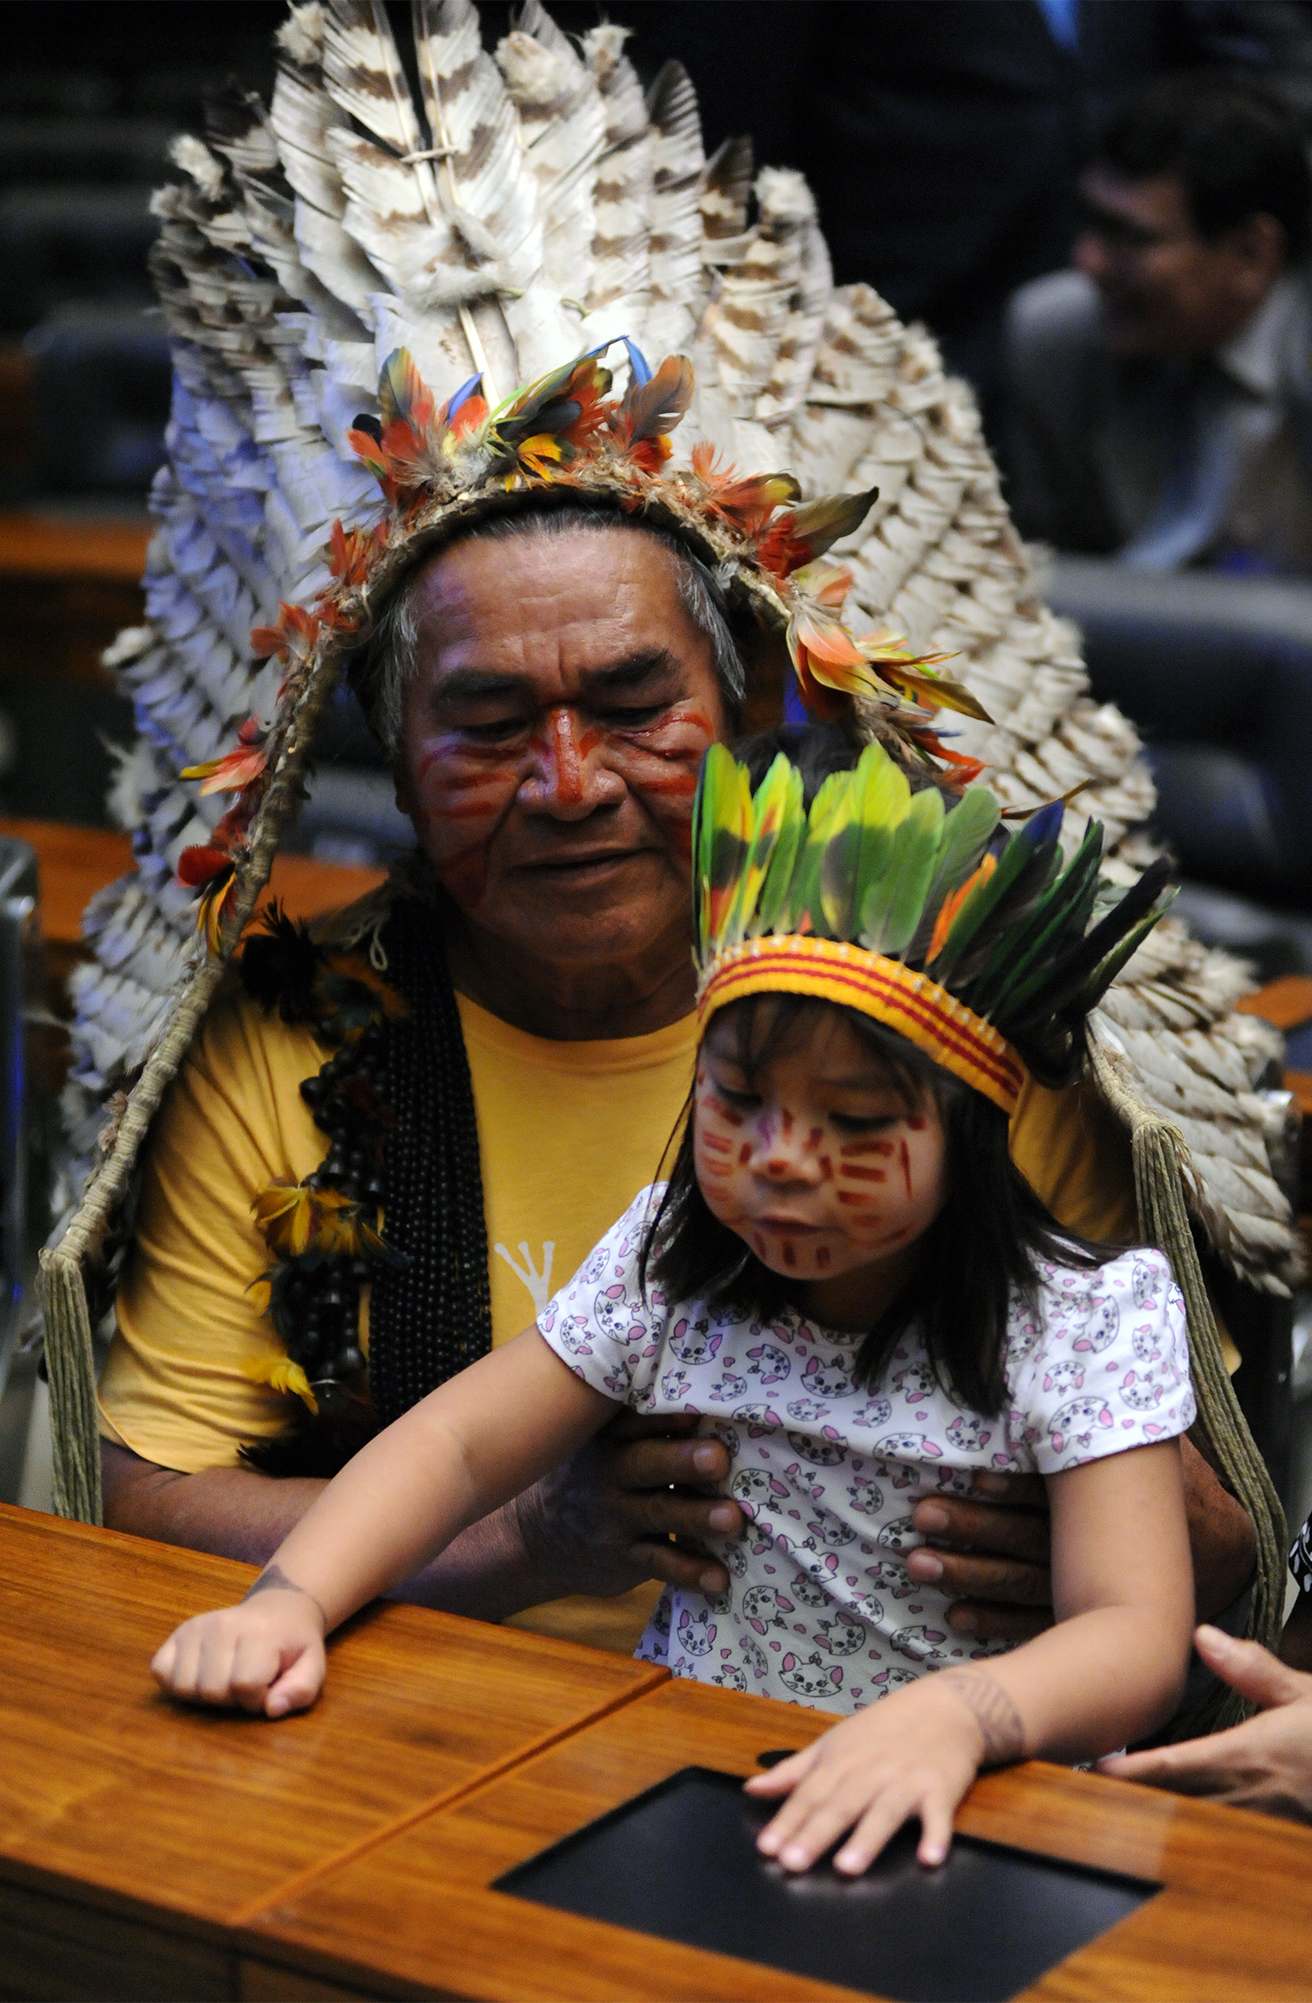 Homenagem aos cinquenta anos da Fundação Nacional do Índio – Funai e ao Dia do Índio